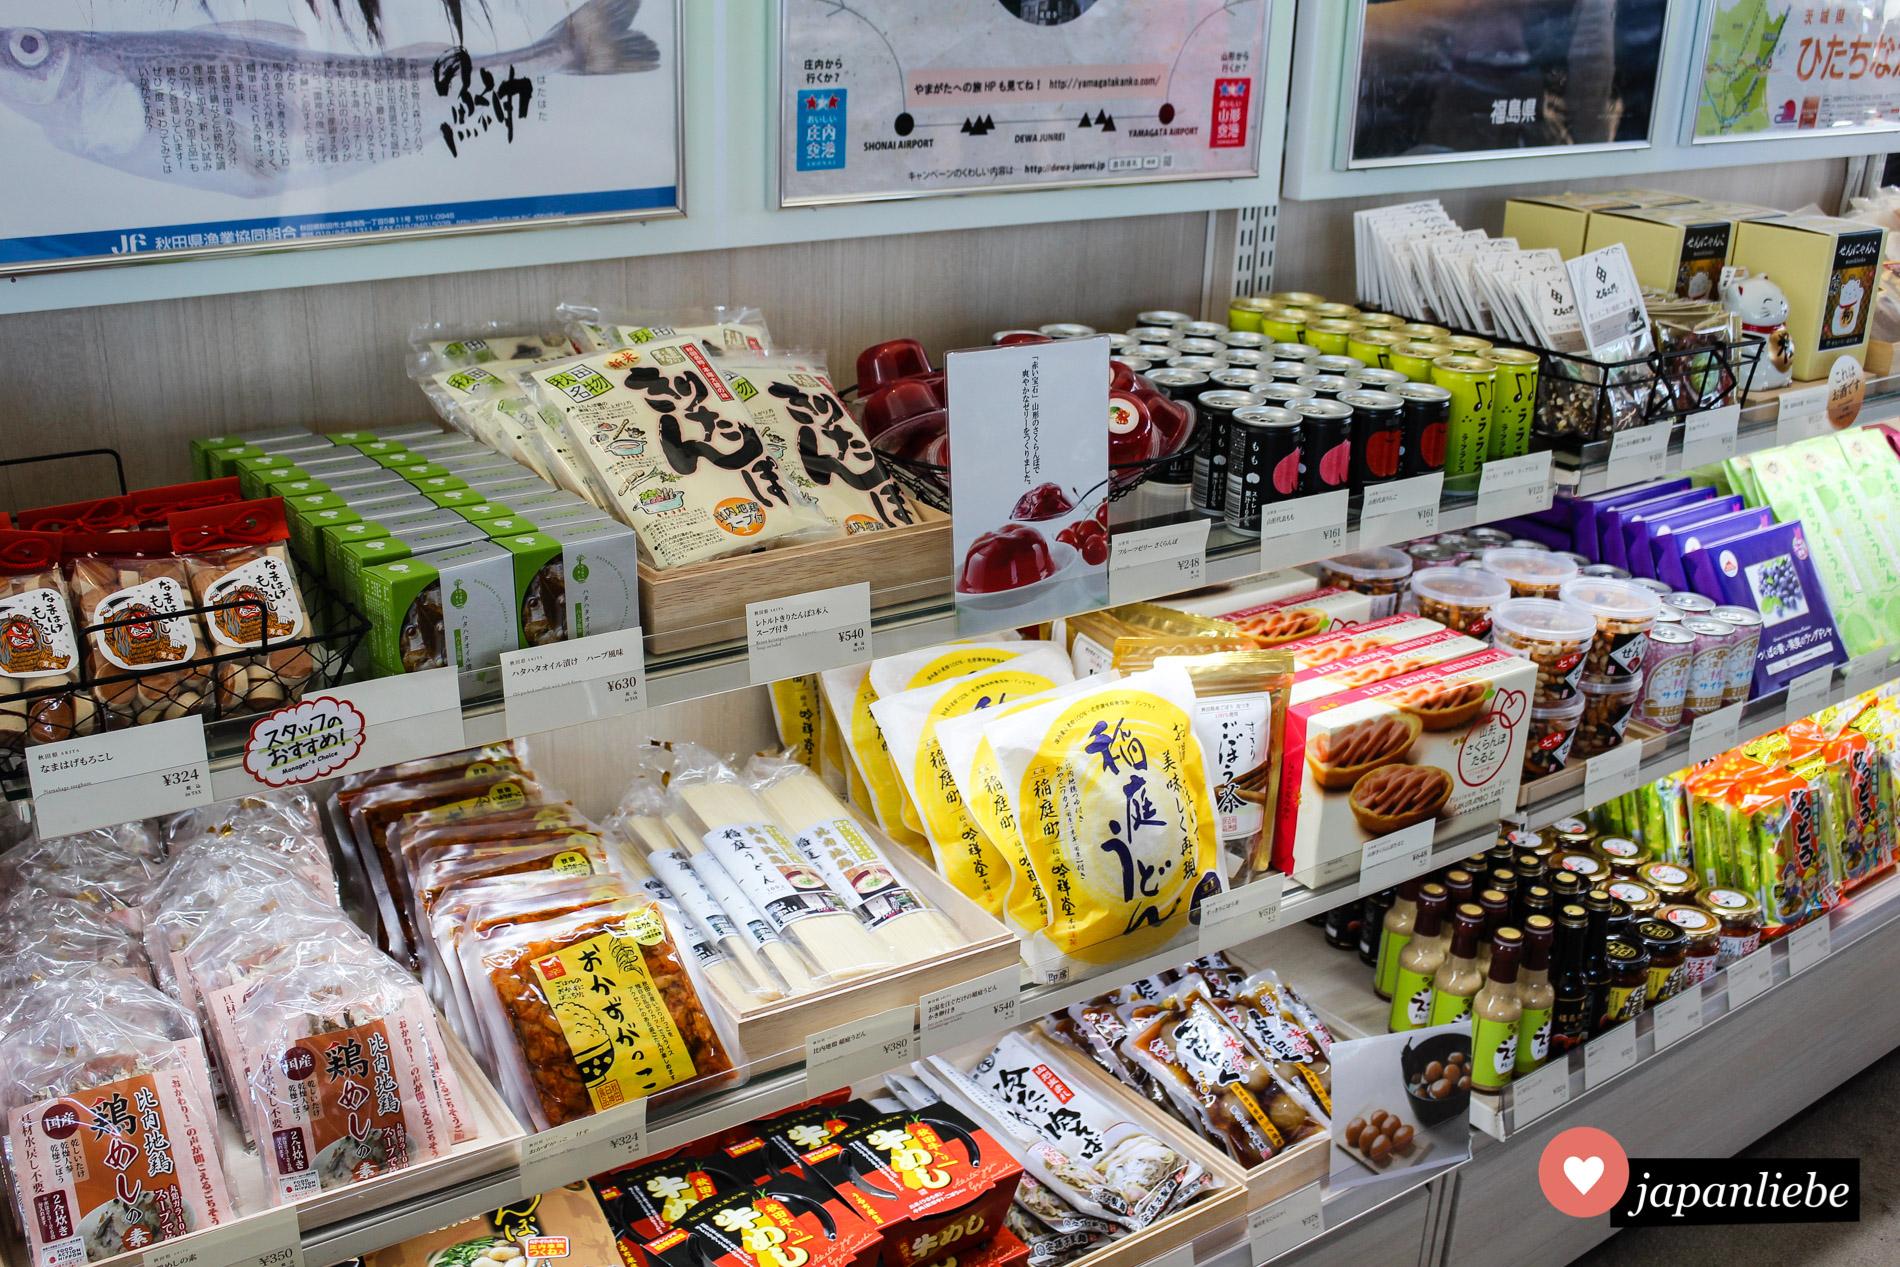 Auf den Aussichtsplattformen gibt es diverse Mitbringsel aus allen Regionen Japans zu erwerben.